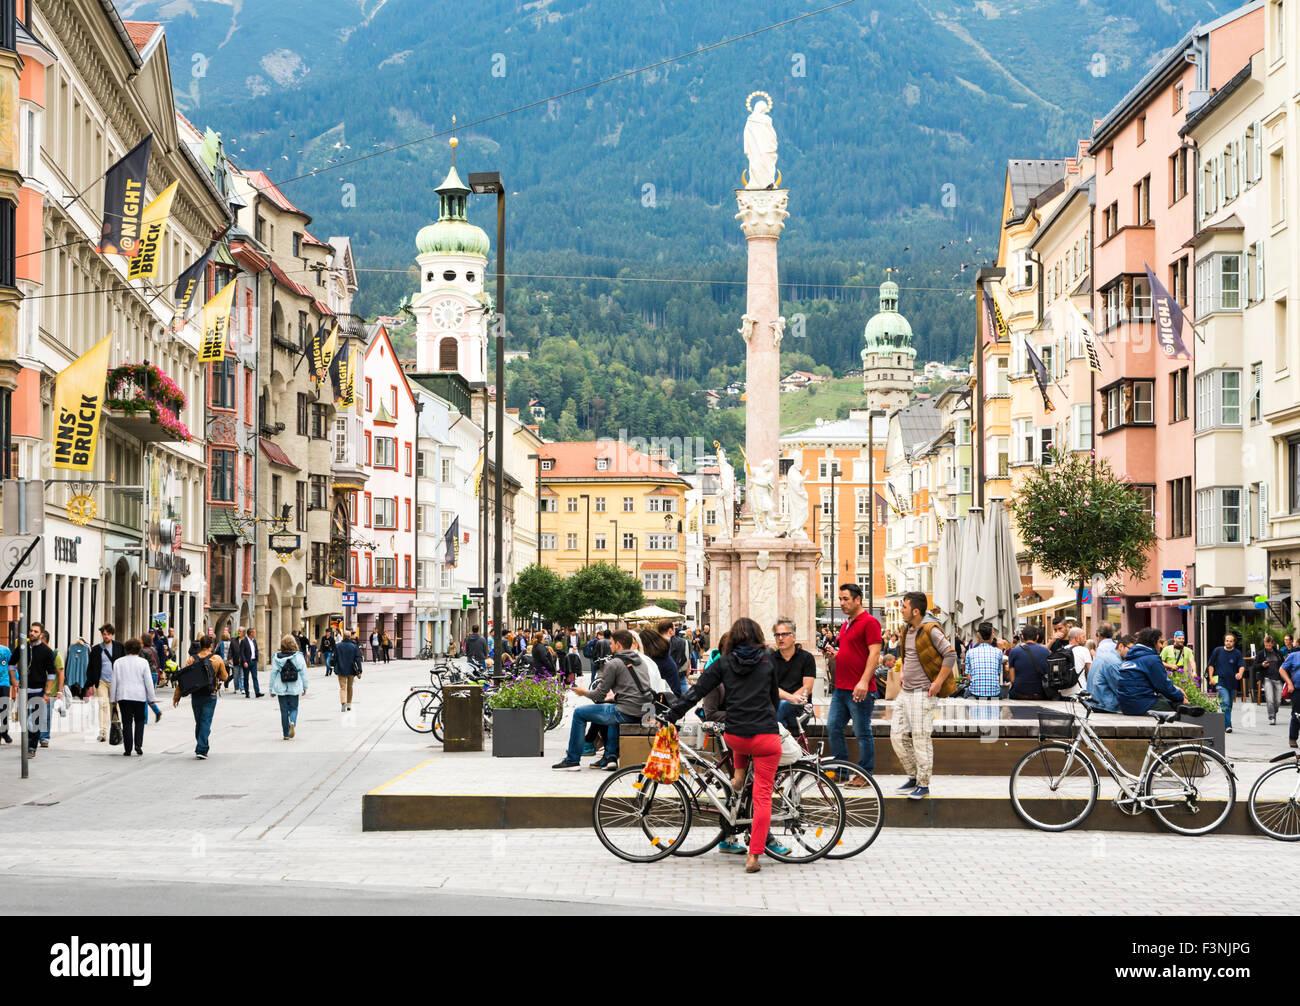 INNSBRUCK, Autriche - 22 SEPTEMBRE: les touristes dans la zone piétonne d'Innsbruck, Autriche, le Photo Stock